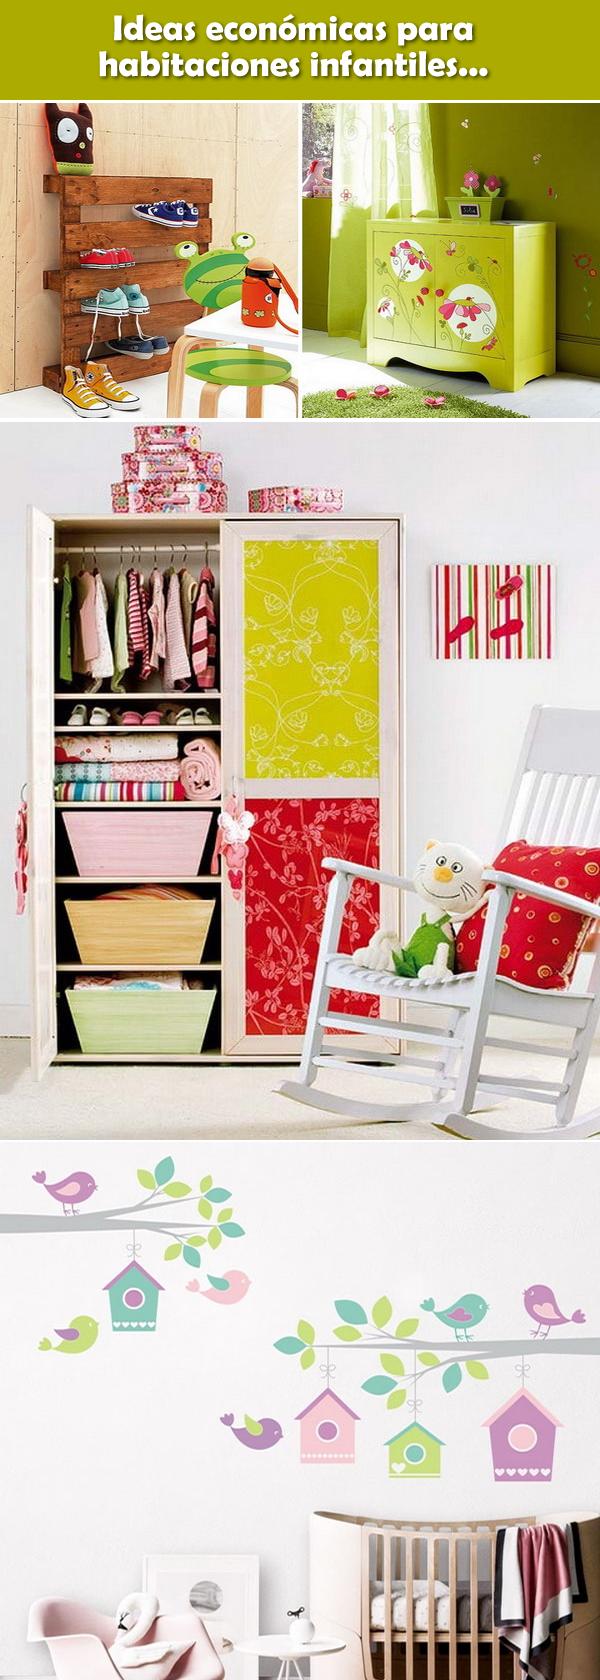 Ideas econ micas para habitaciones infantiles dormitorios infantiles decoraci n infantil - Habitaciones infantiles economicas ...